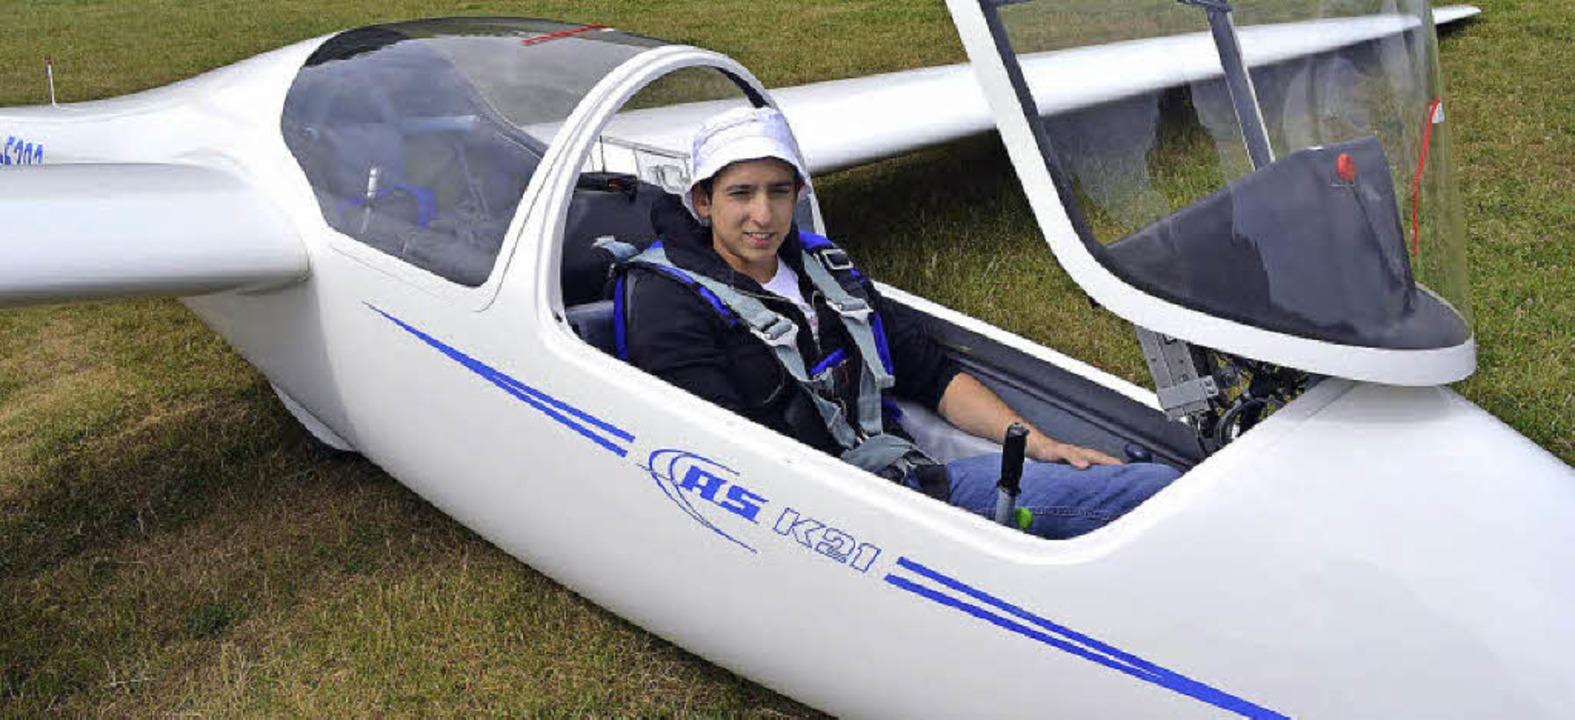 Muharrem Sahiner mit dem Schulungsdopp... der Luftsportgemeinschaft Hotzenwald   | Foto: zvg